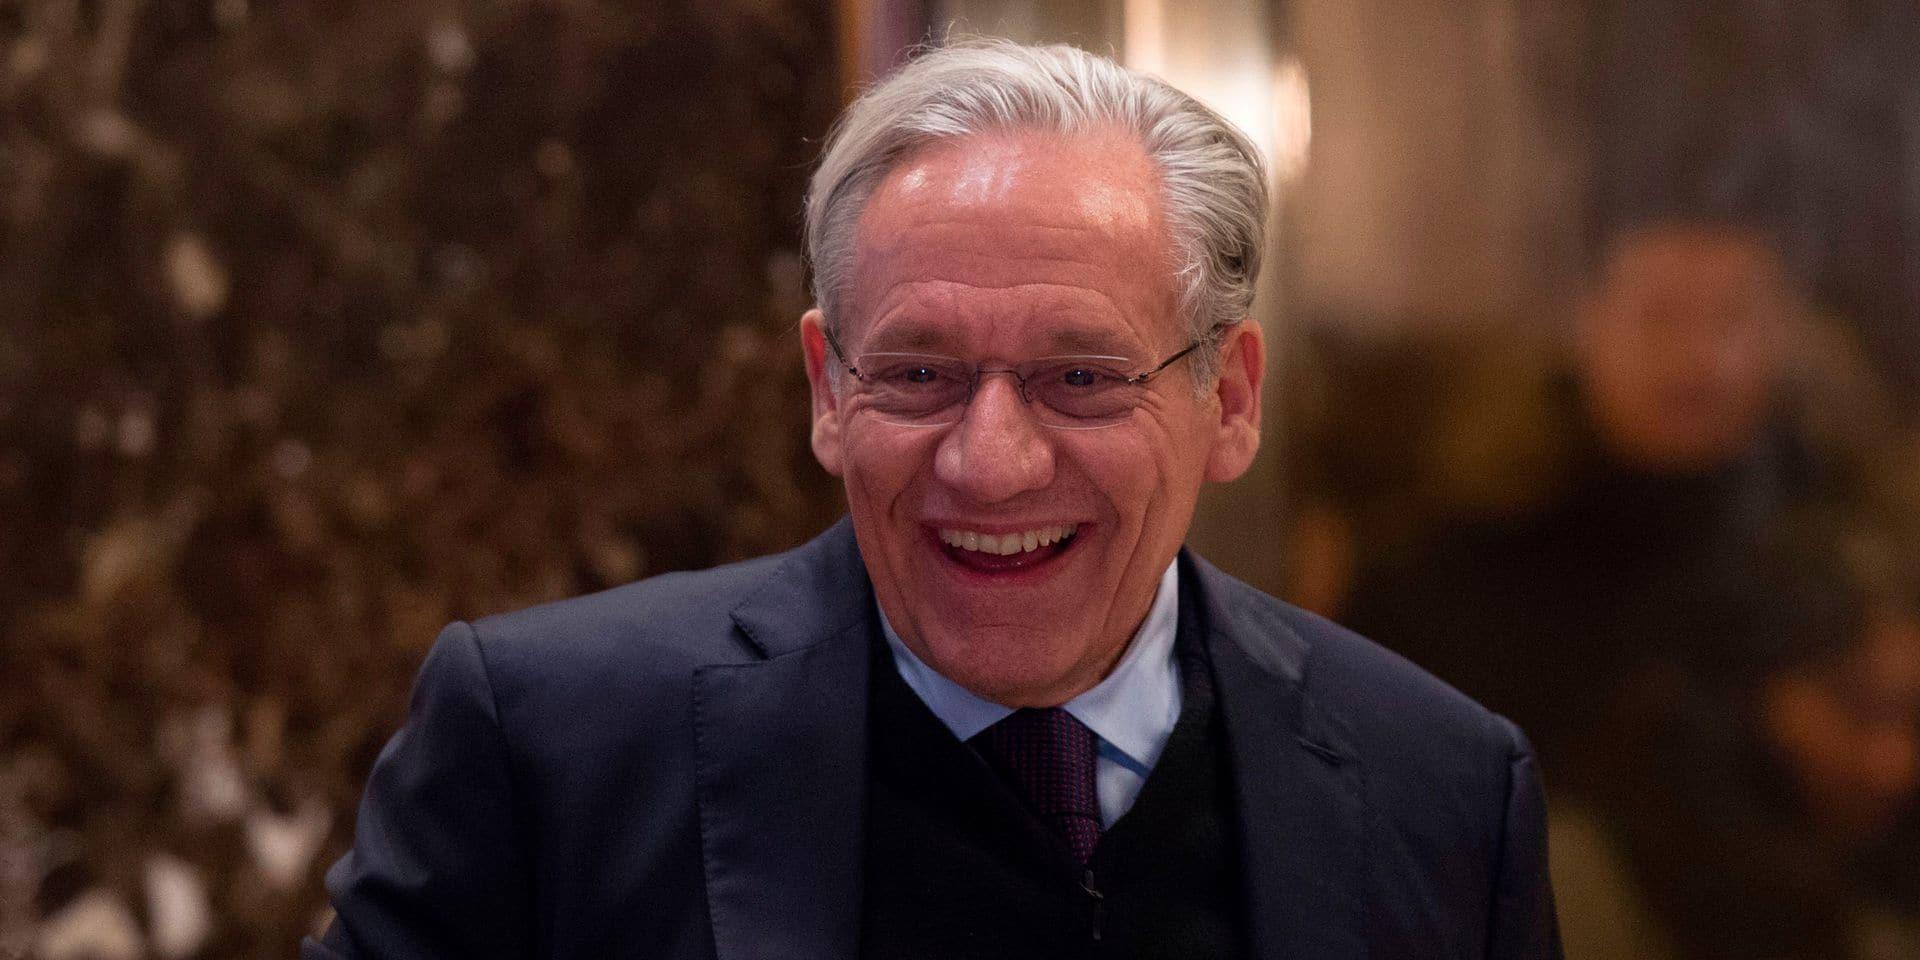 Qui est Bob Woodward, le journaliste du Watergate et auteur du portrait sur Trump ?